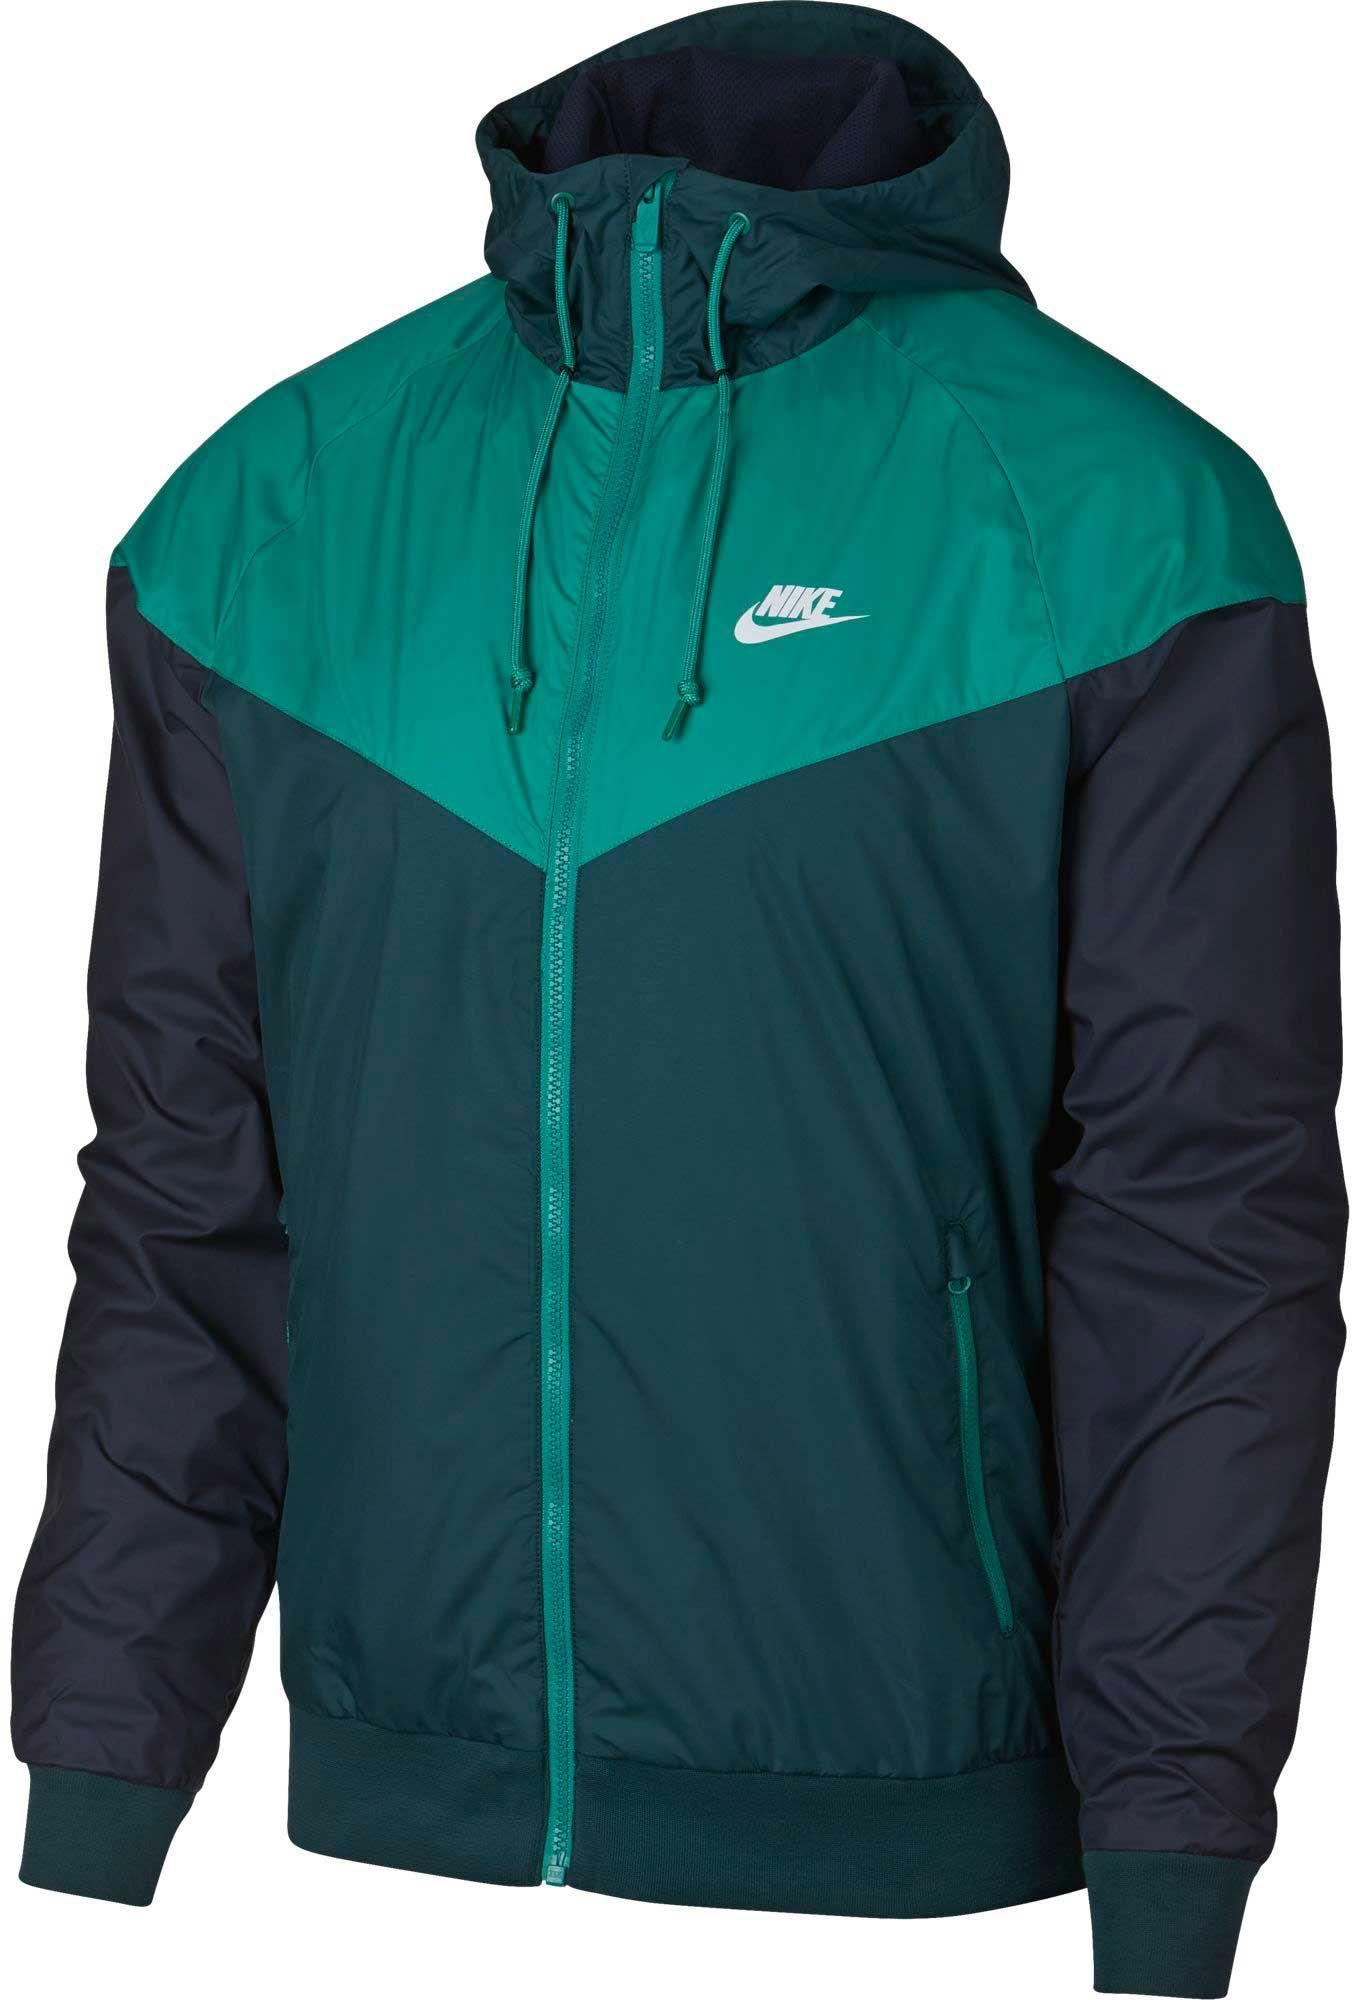 03599a77af85 Nike Men s Windrunner Full Zip Jacket